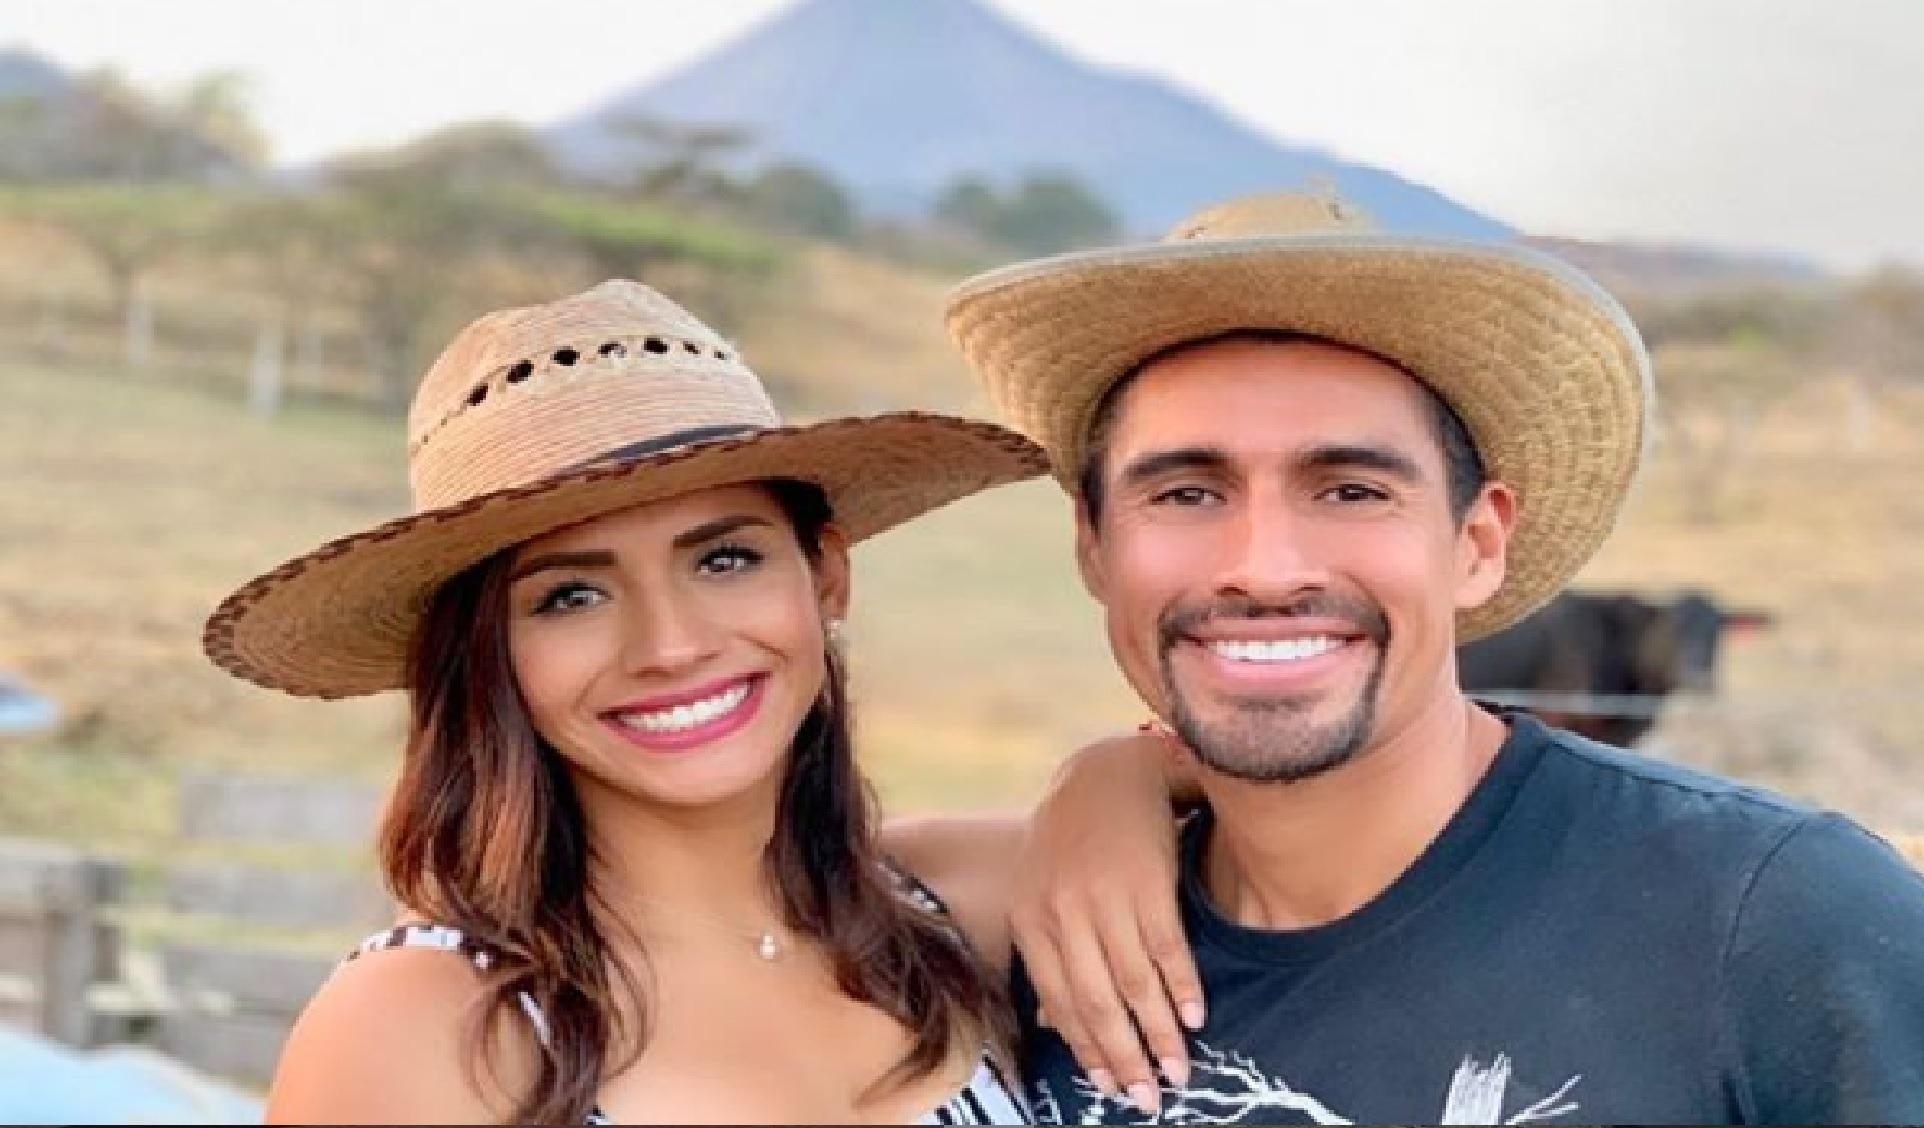 Pato Araujo y Zudikey Rodríguez de Exatlón anuncian su boda